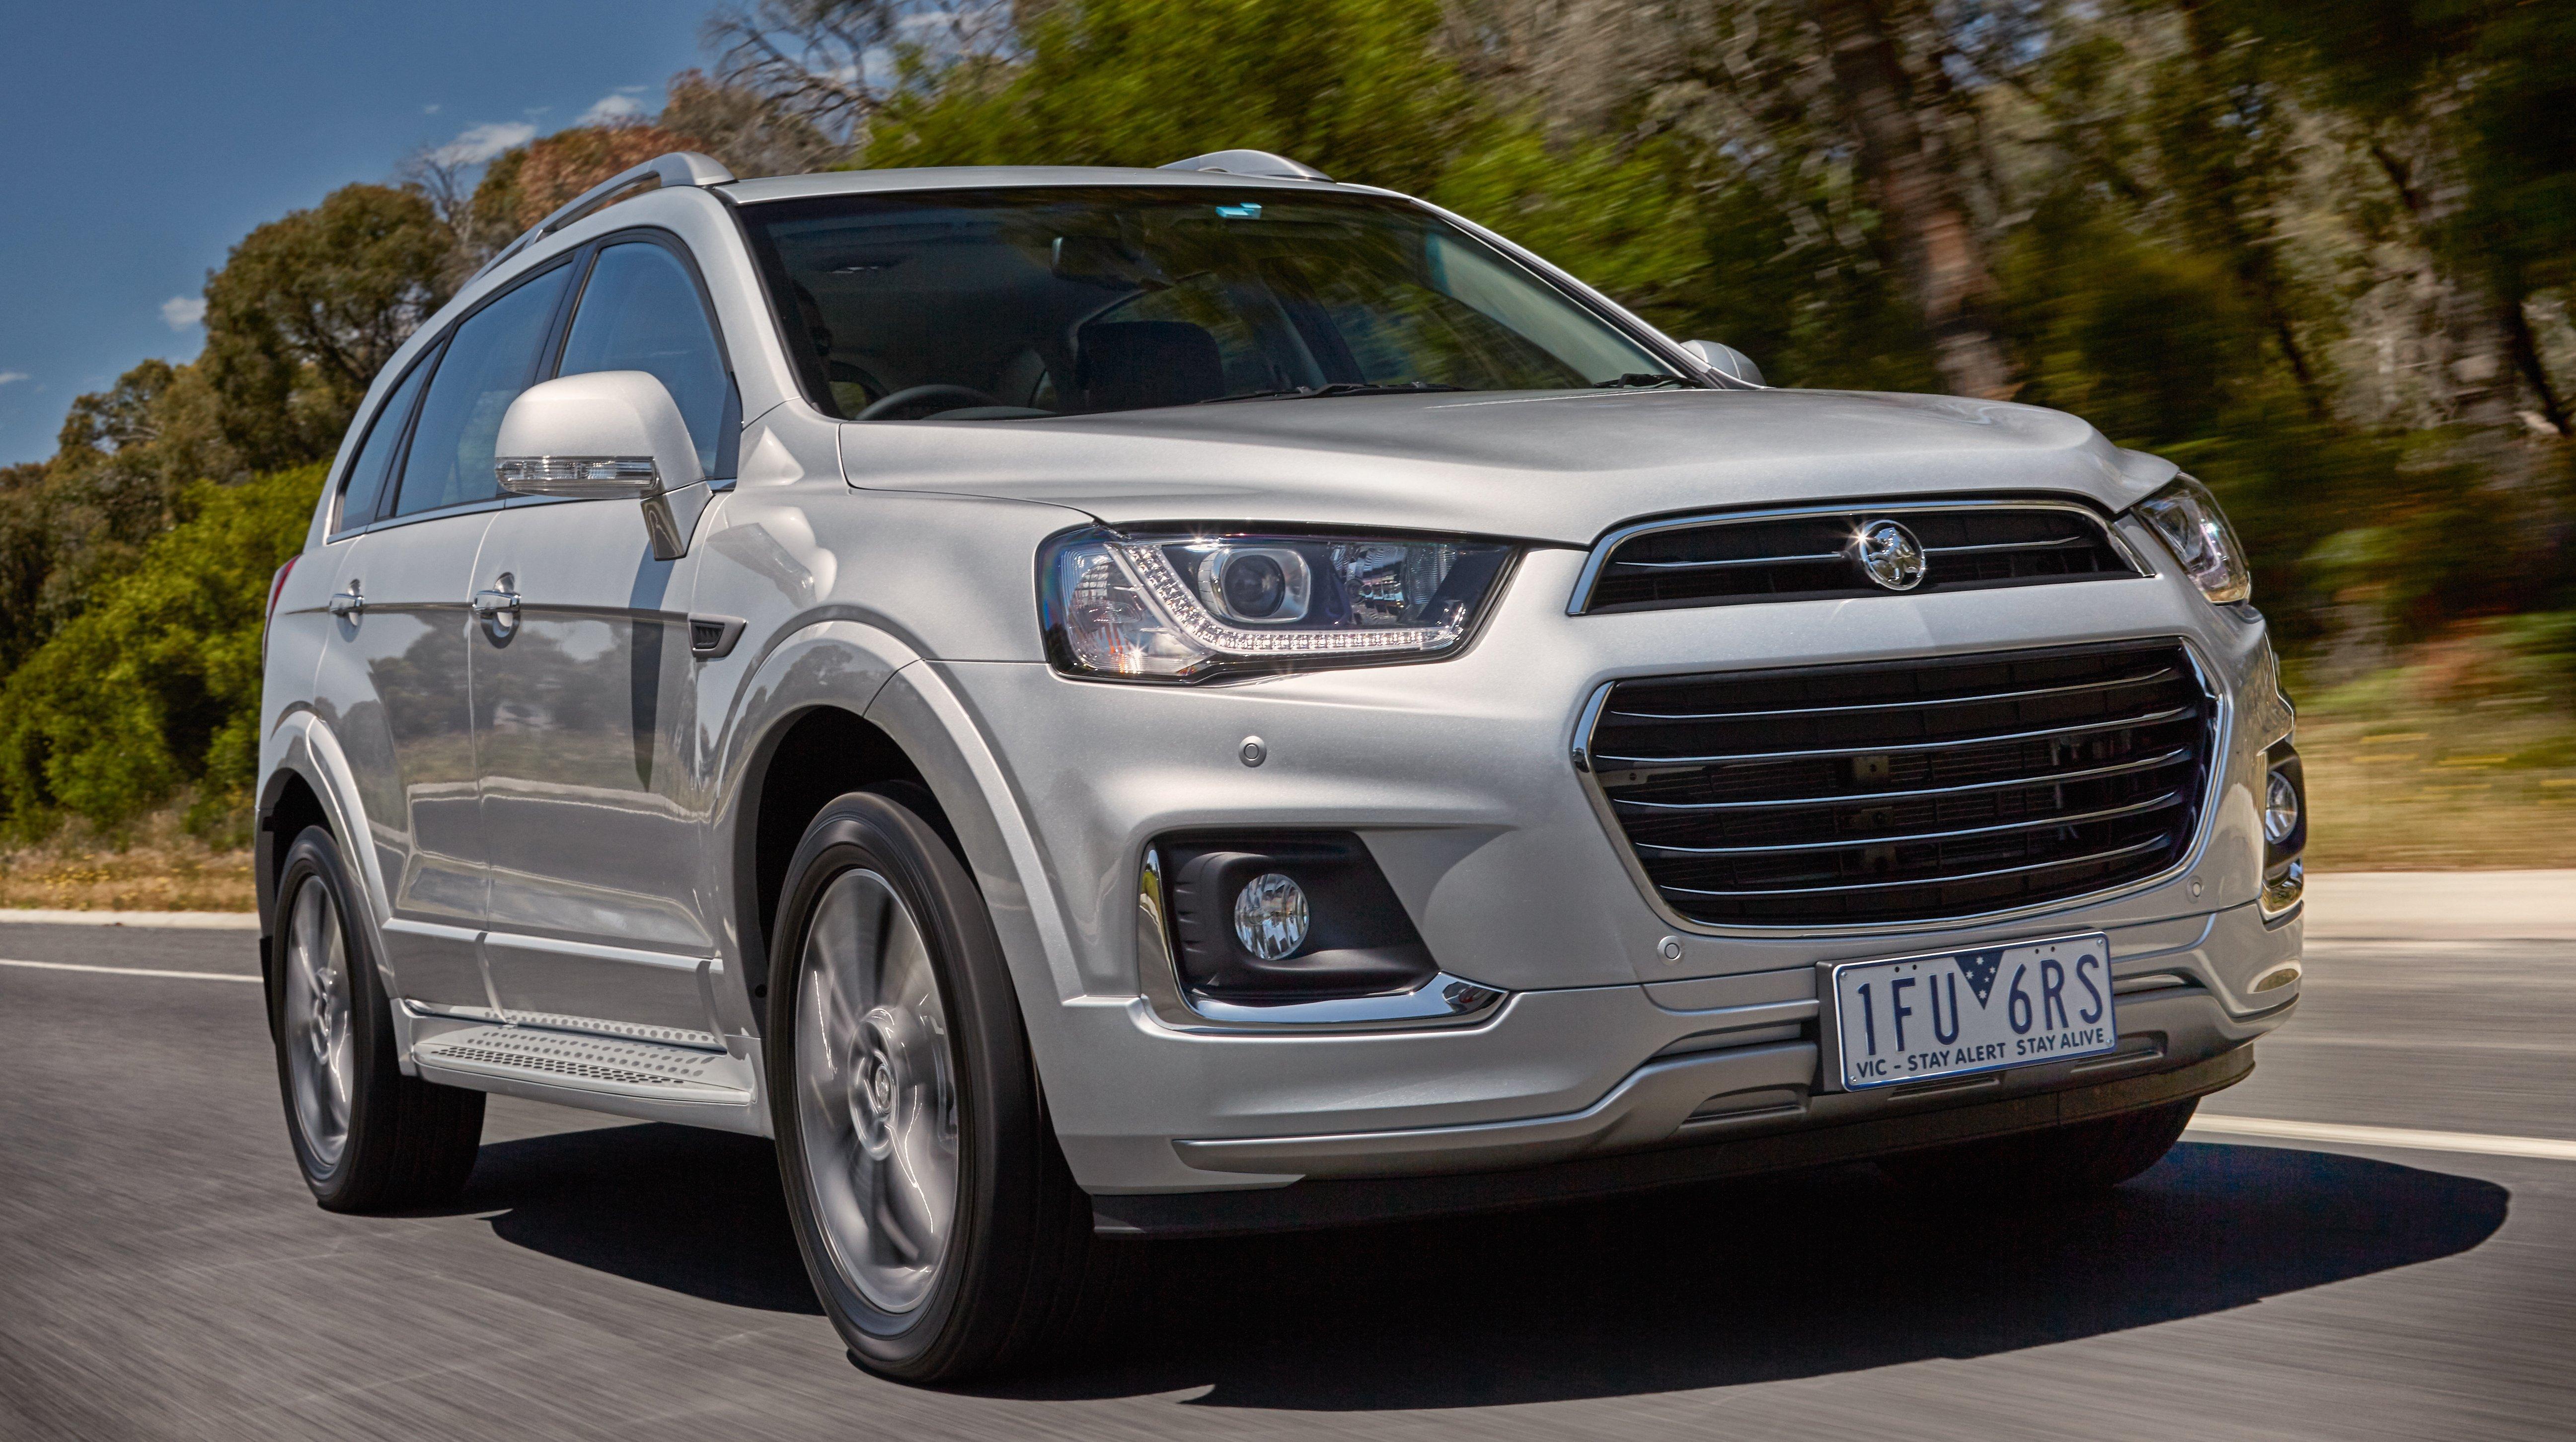 Chevrolet Captiva - Australia gets new Holden facelift